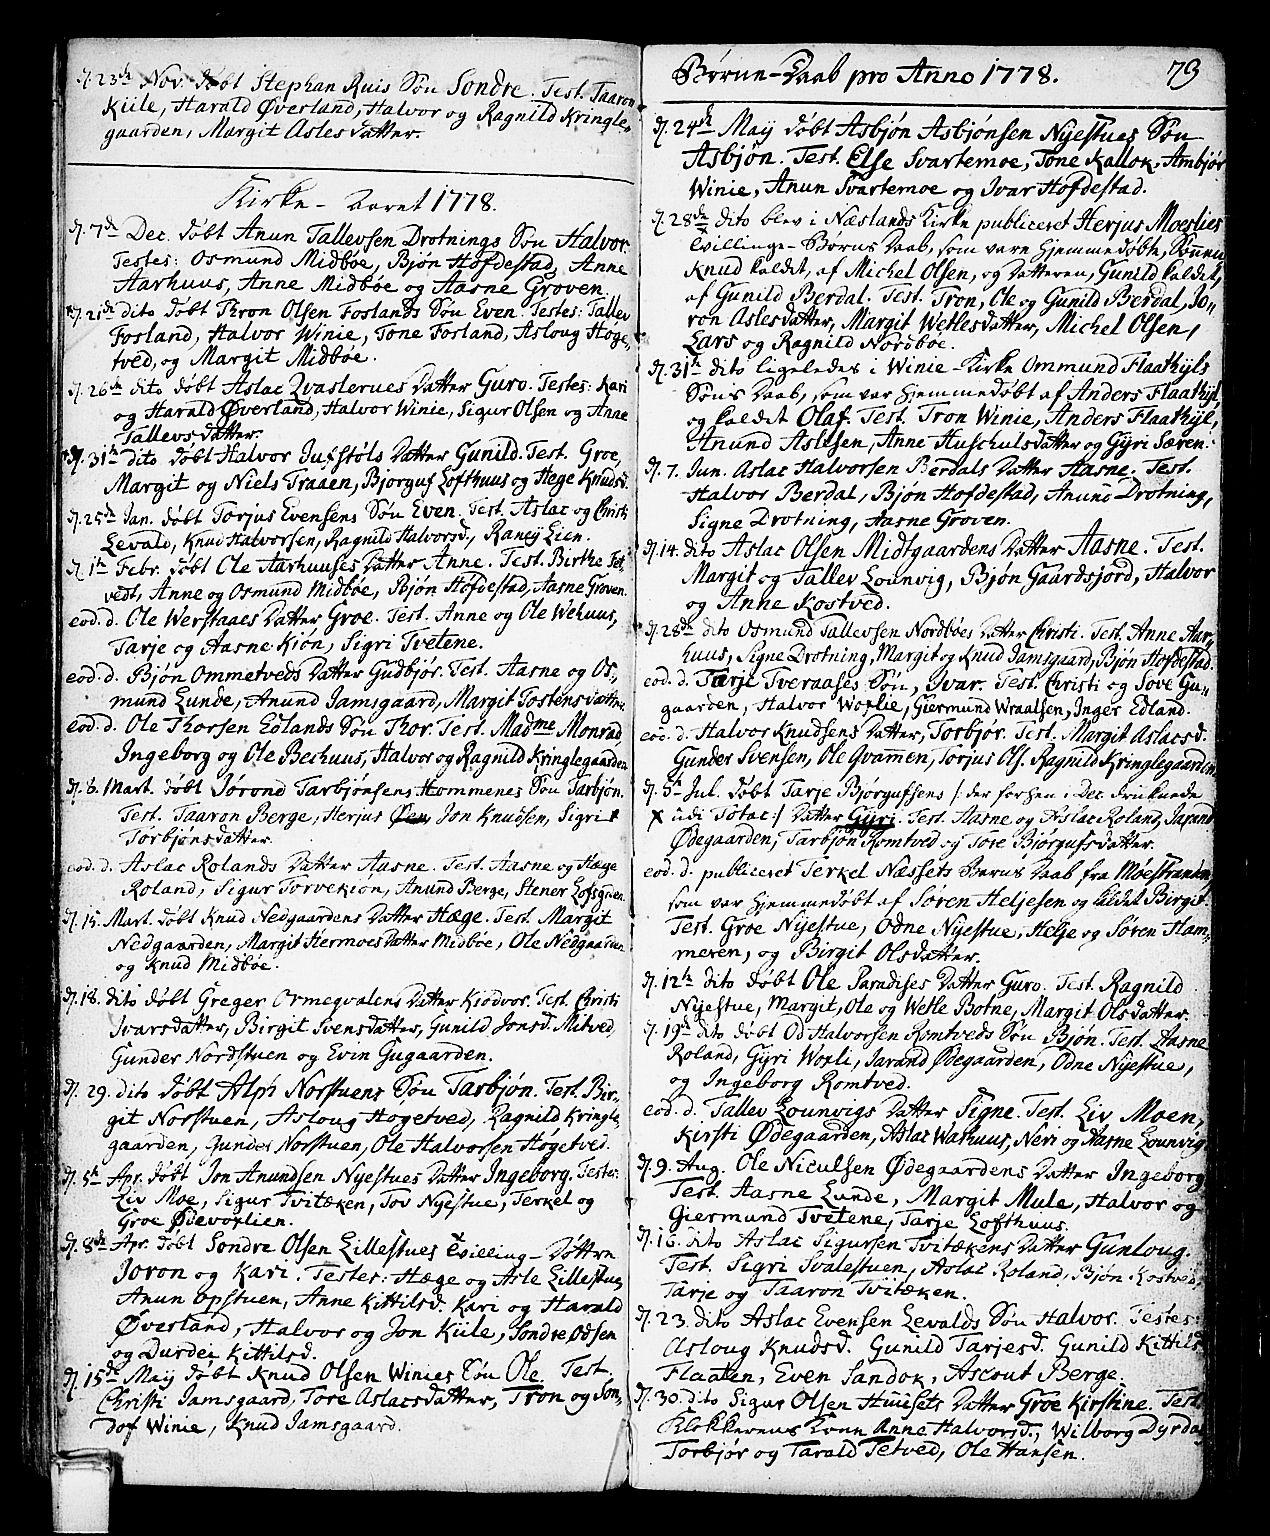 SAKO, Vinje kirkebøker, F/Fa/L0002: Ministerialbok nr. I 2, 1767-1814, s. 73